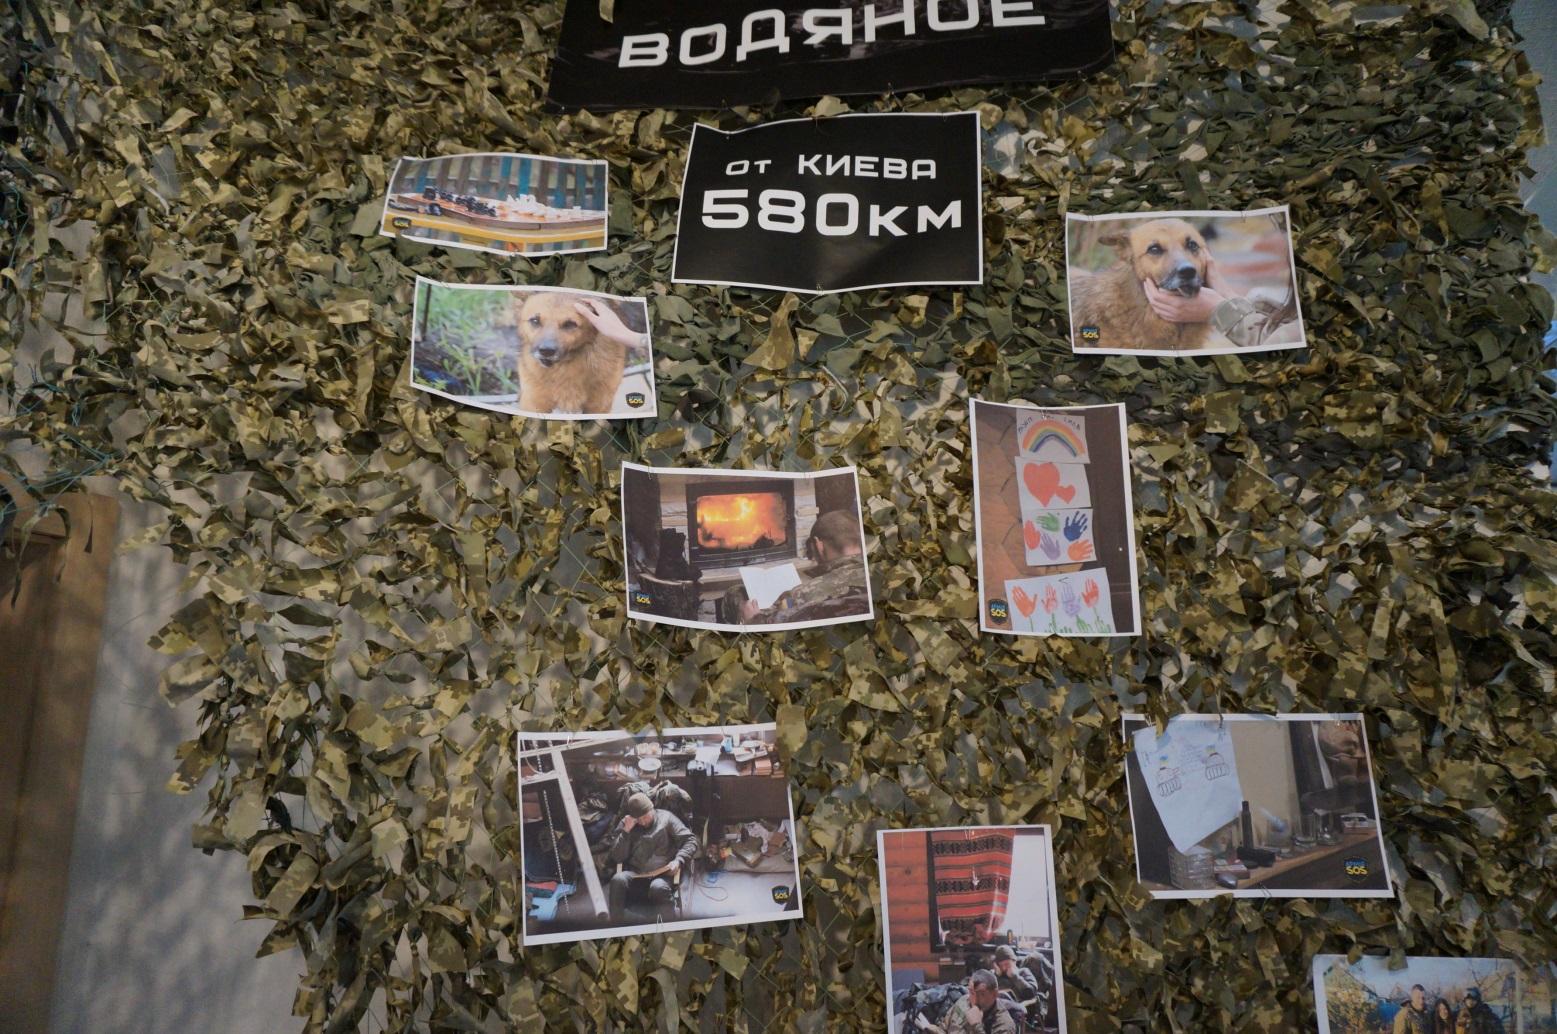 Кадри, зроблені волонтерськими мобілками в зоні АТО